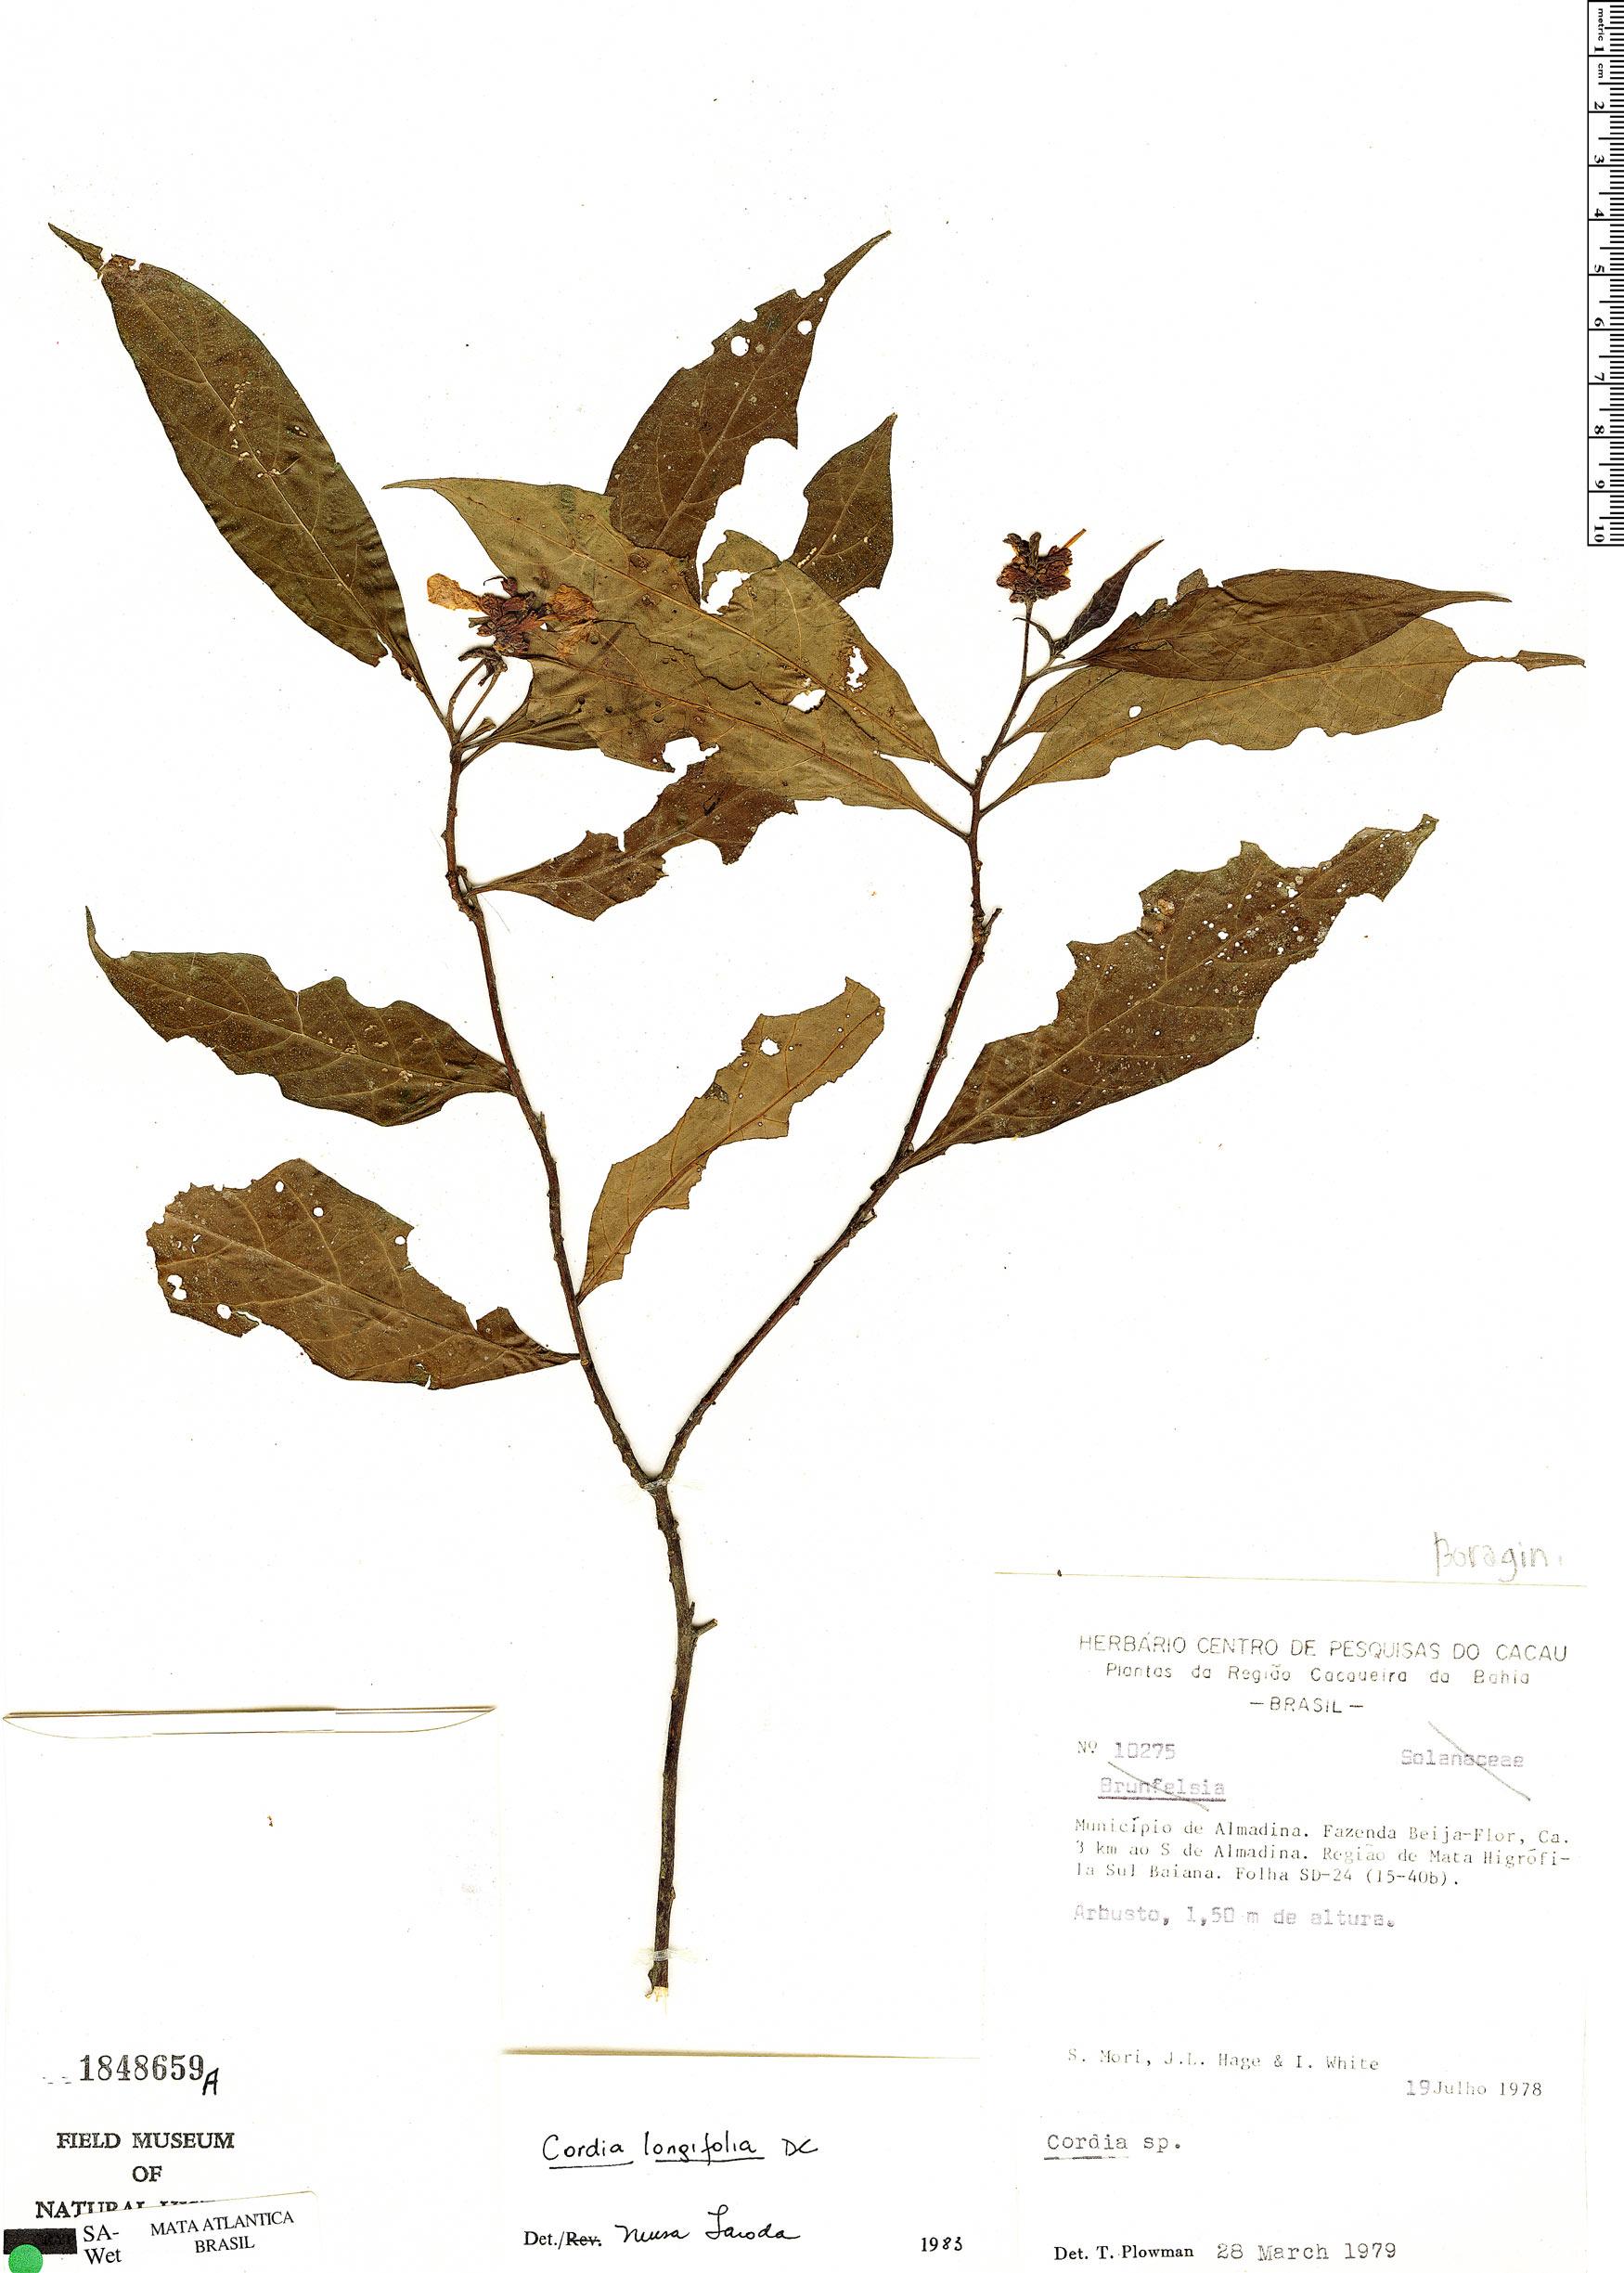 Specimen: Varronia tarodaea